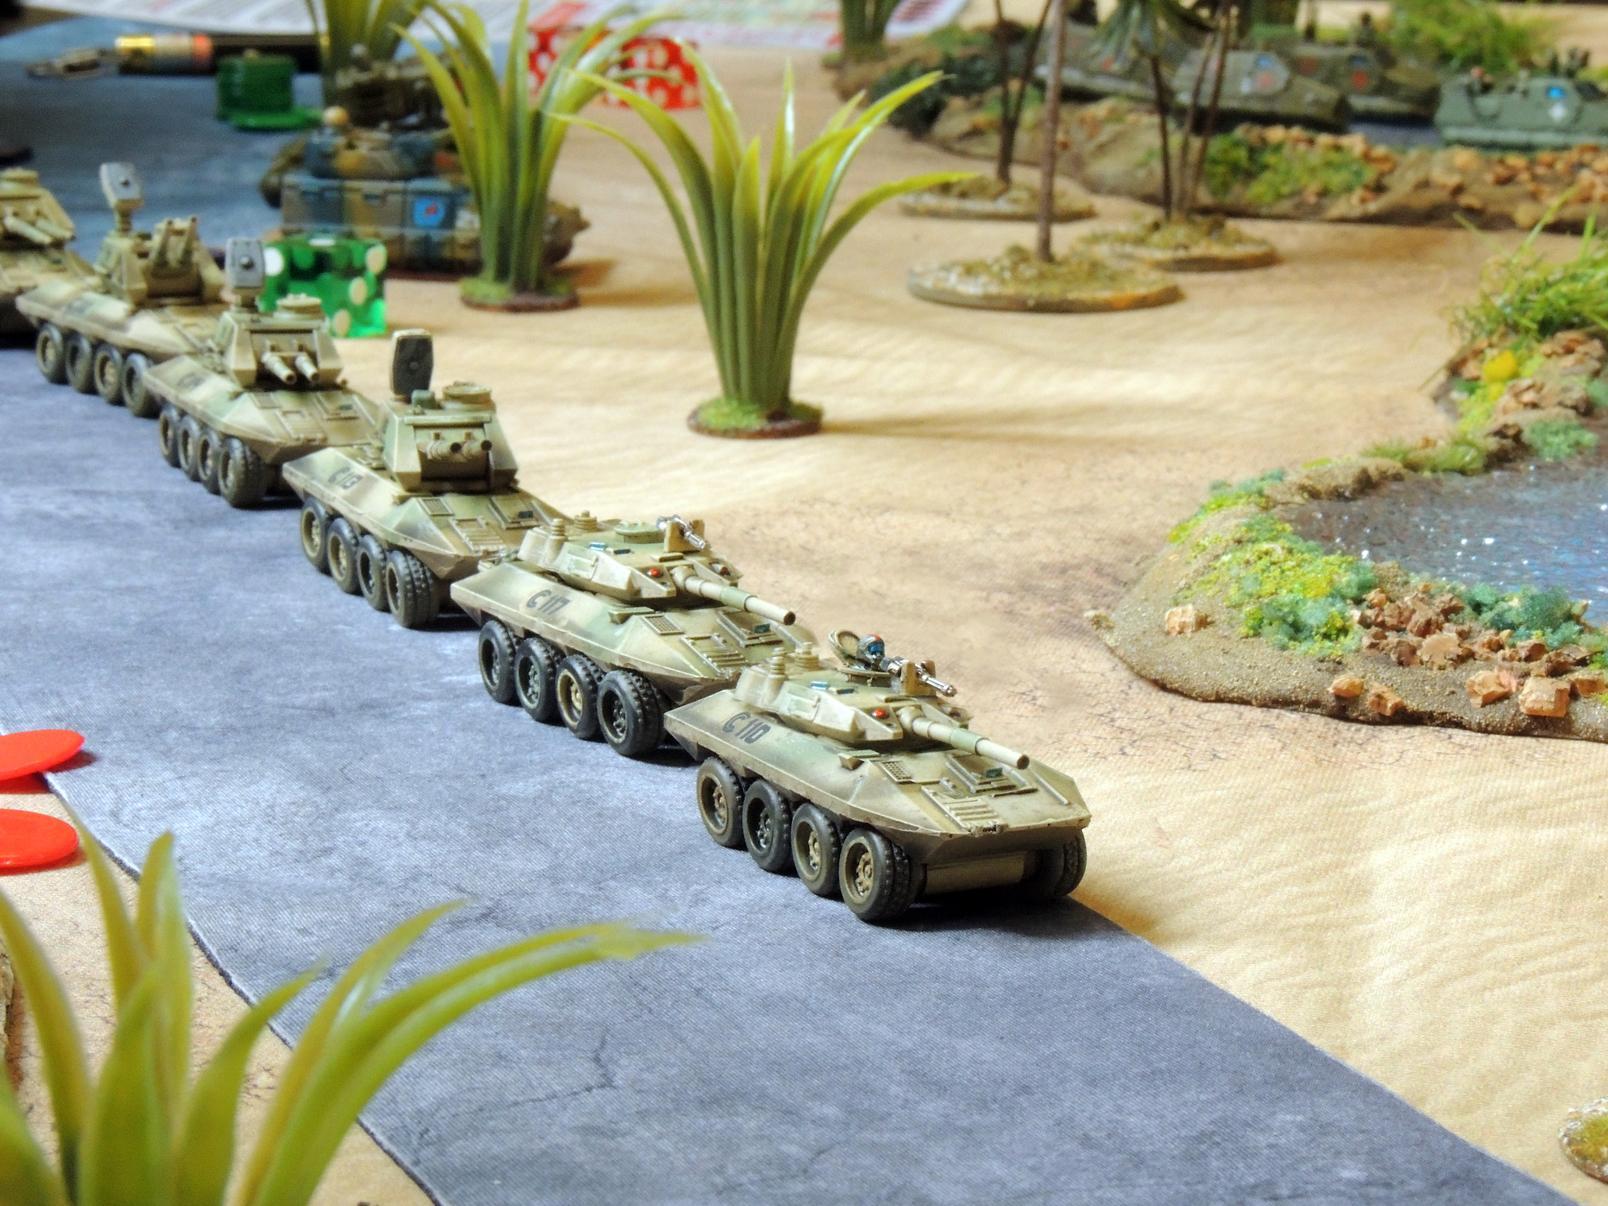 Clarks commandos